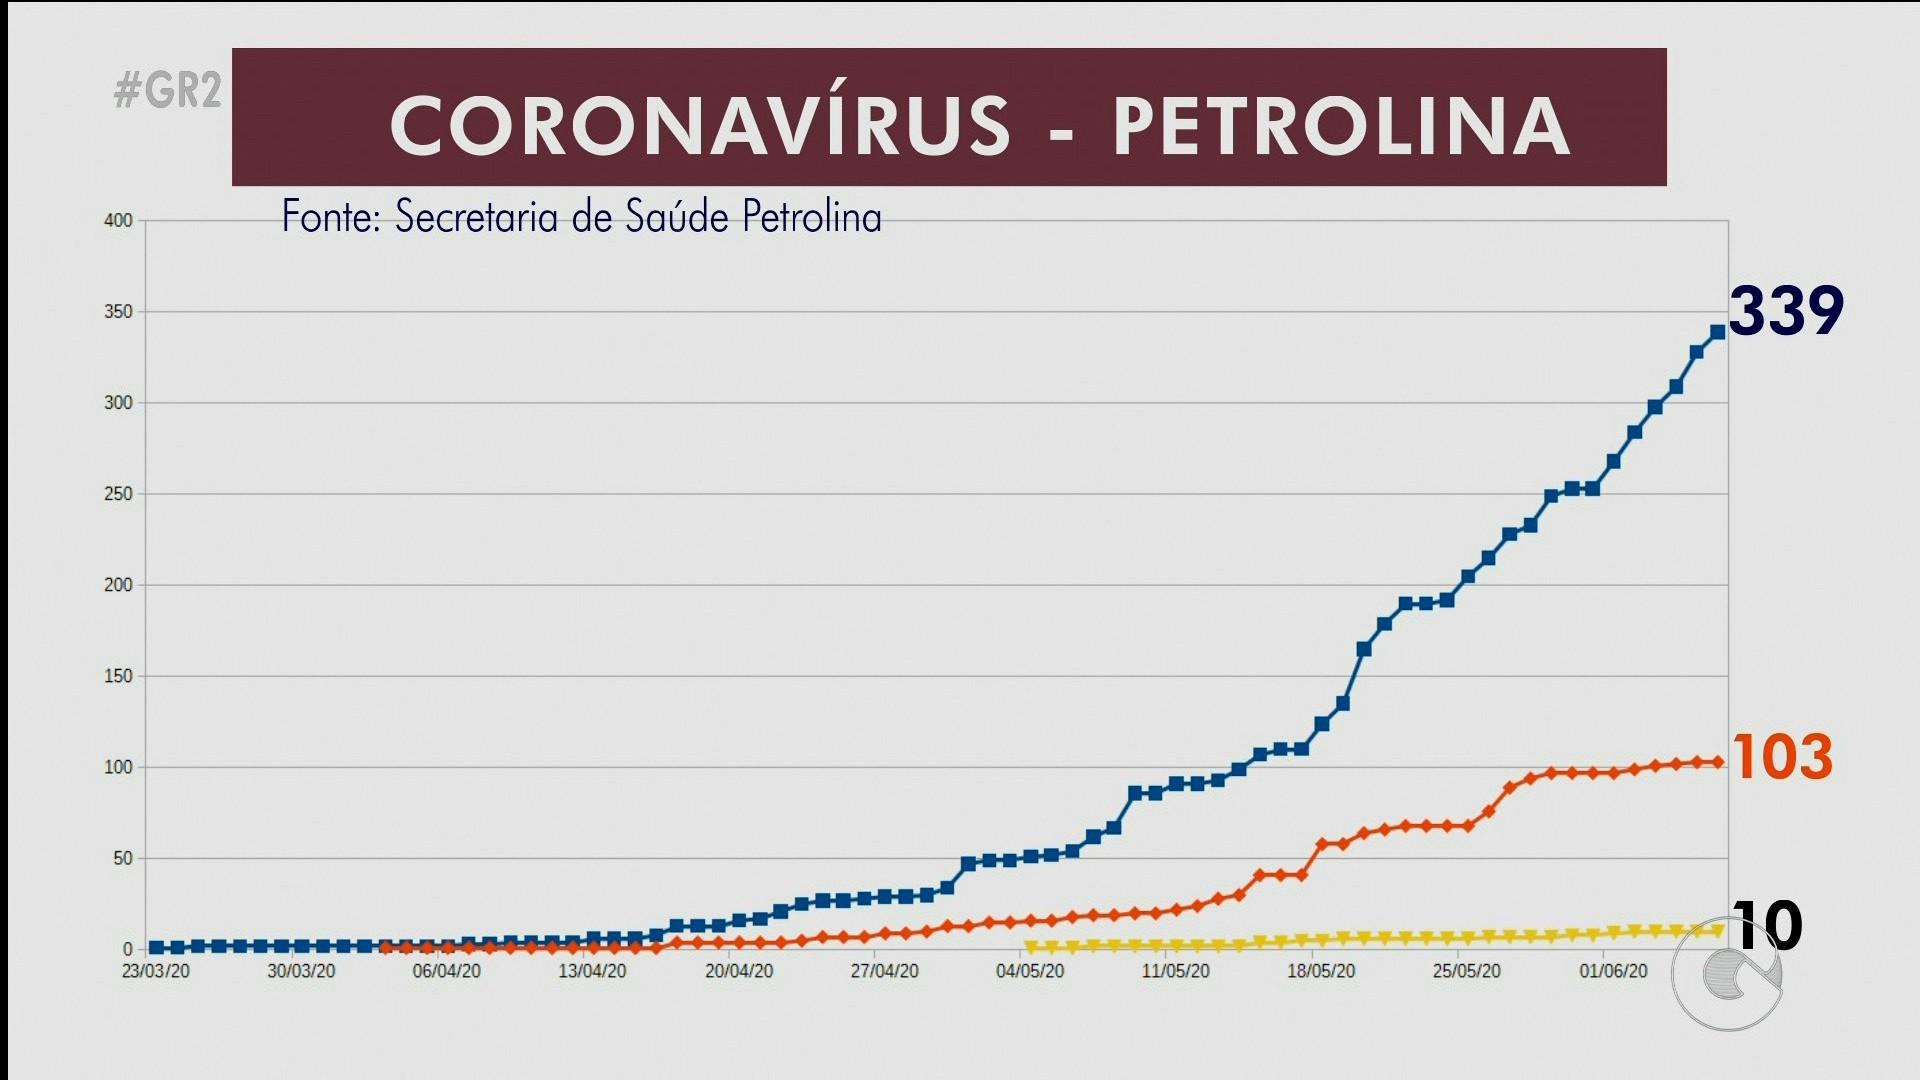 Com mais 11 testes positivos, Petrolina chega a 339 casos confirmados da Covid-19